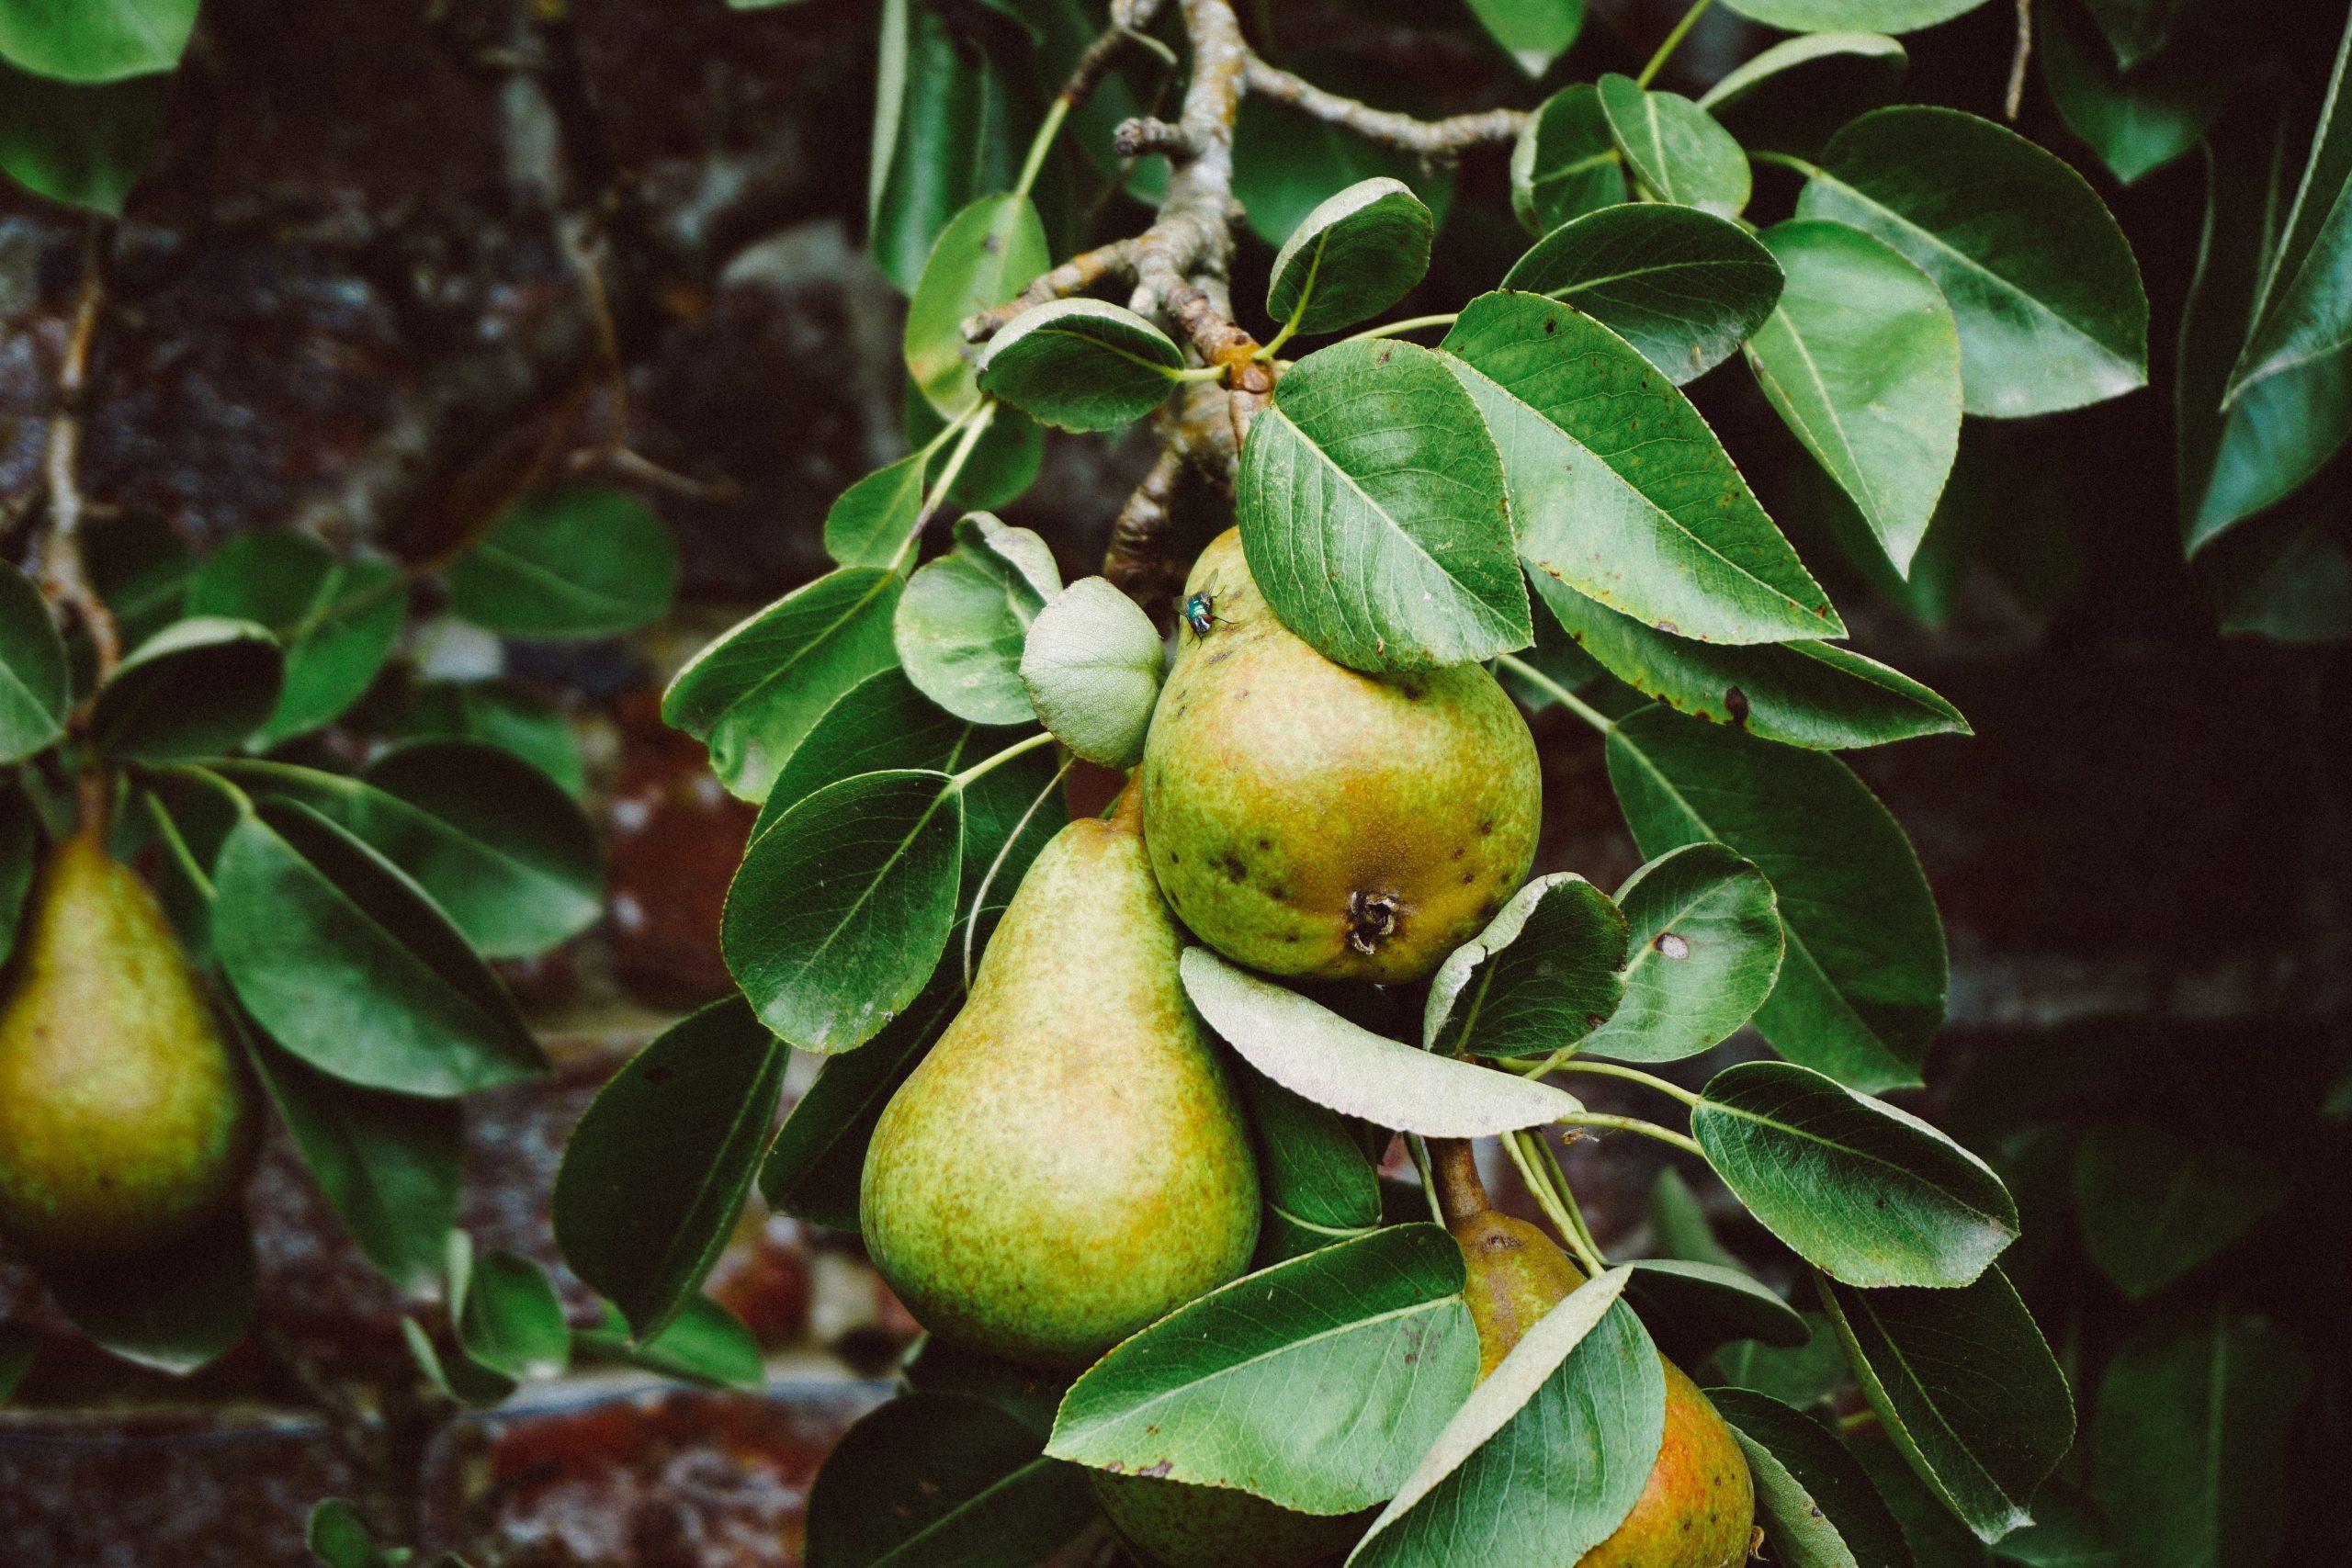 fruitvliegjes voorkomen bestrijden diervriendelijke tips